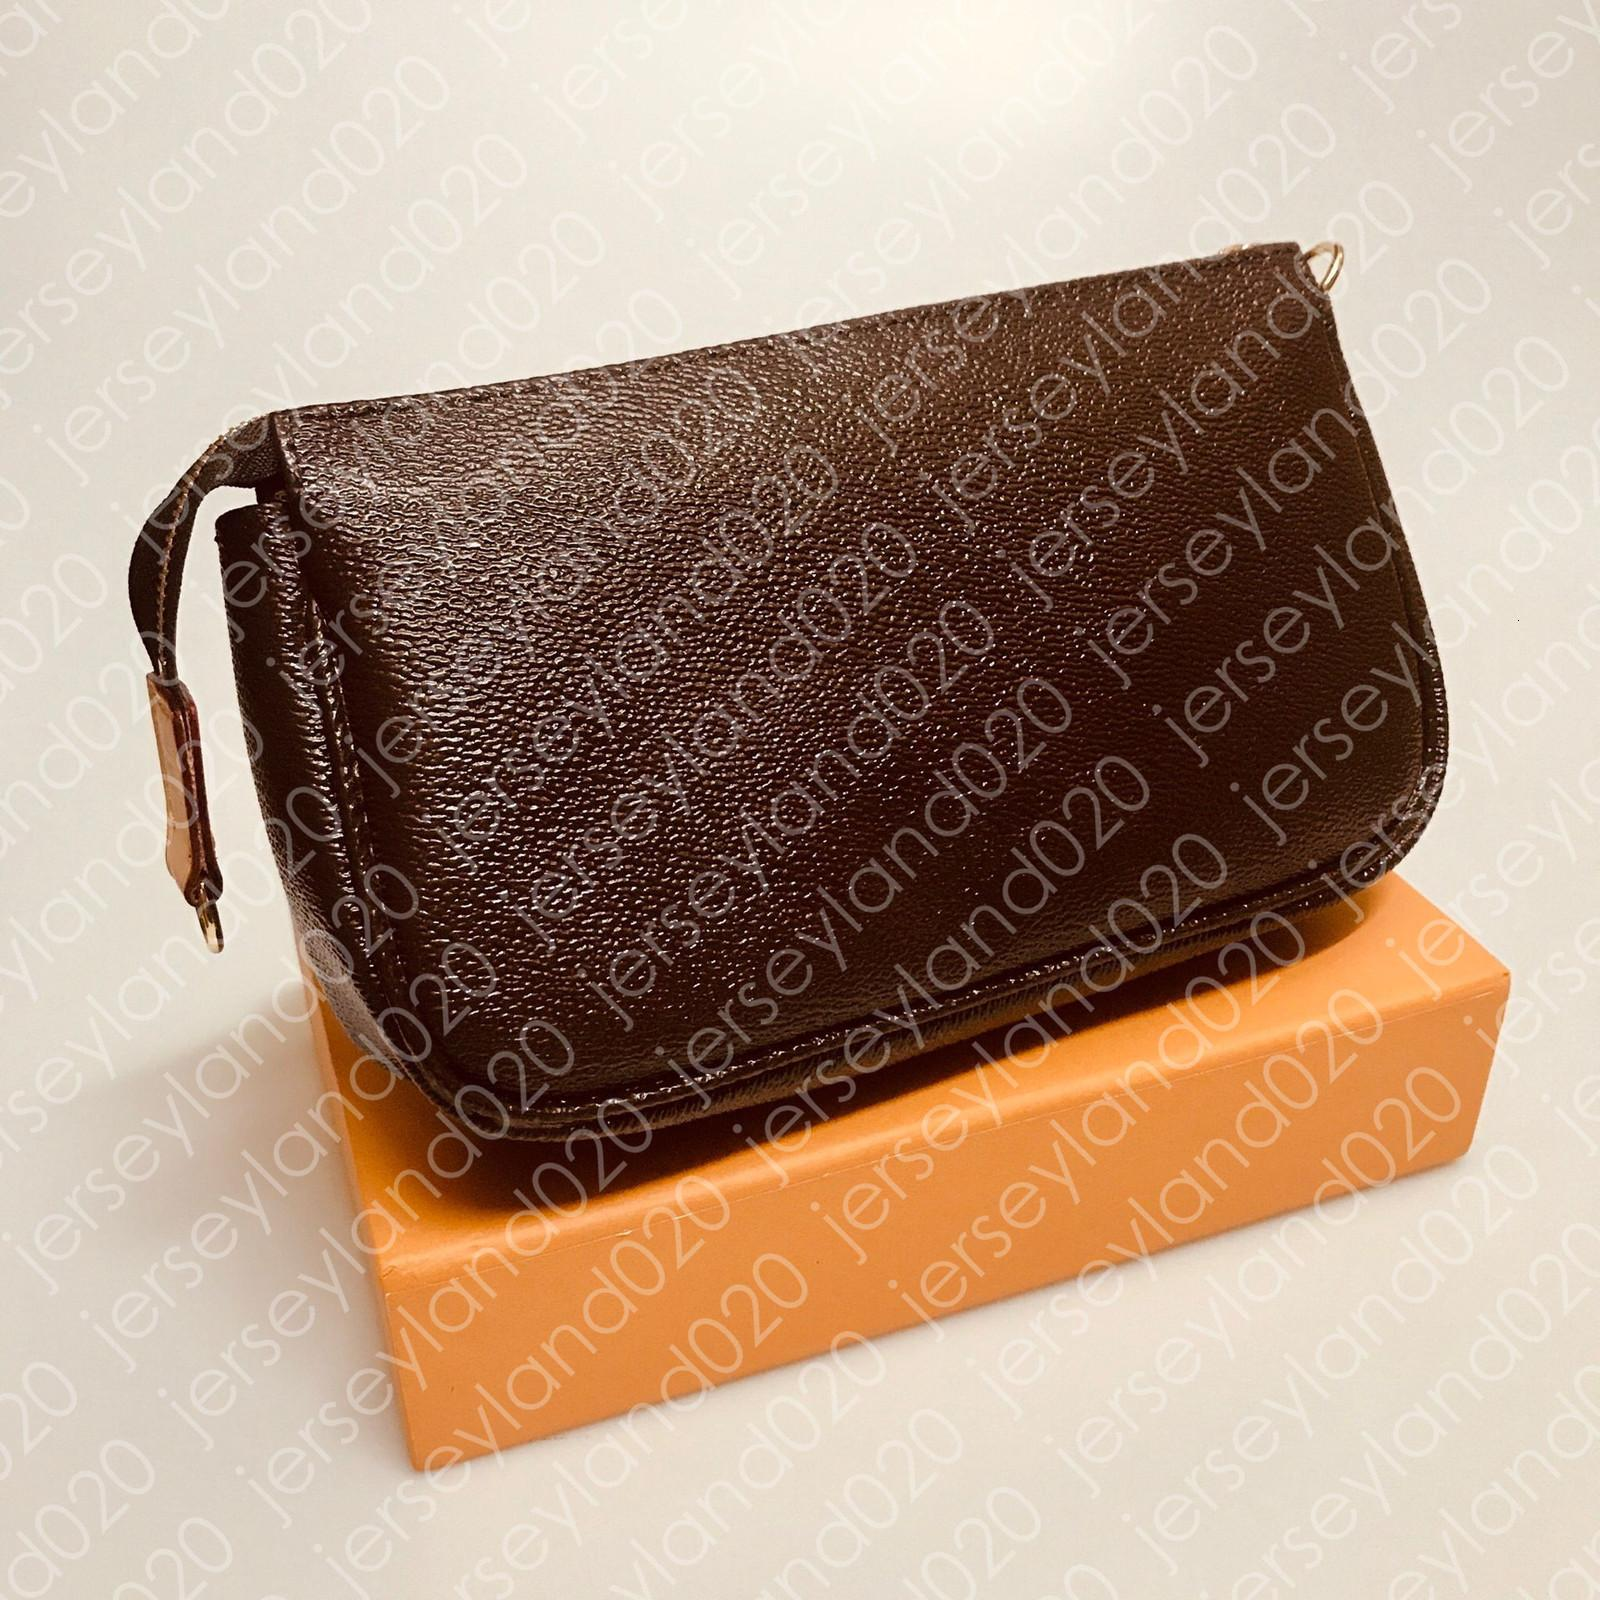 Mini M51980 Lienzo Pochette Diseñador de noche Mini Clutch Womens Fashion Bolso Bolso Pequeño Monedero de lujo Hombro Bolso Teléfono Accesoir VSAV